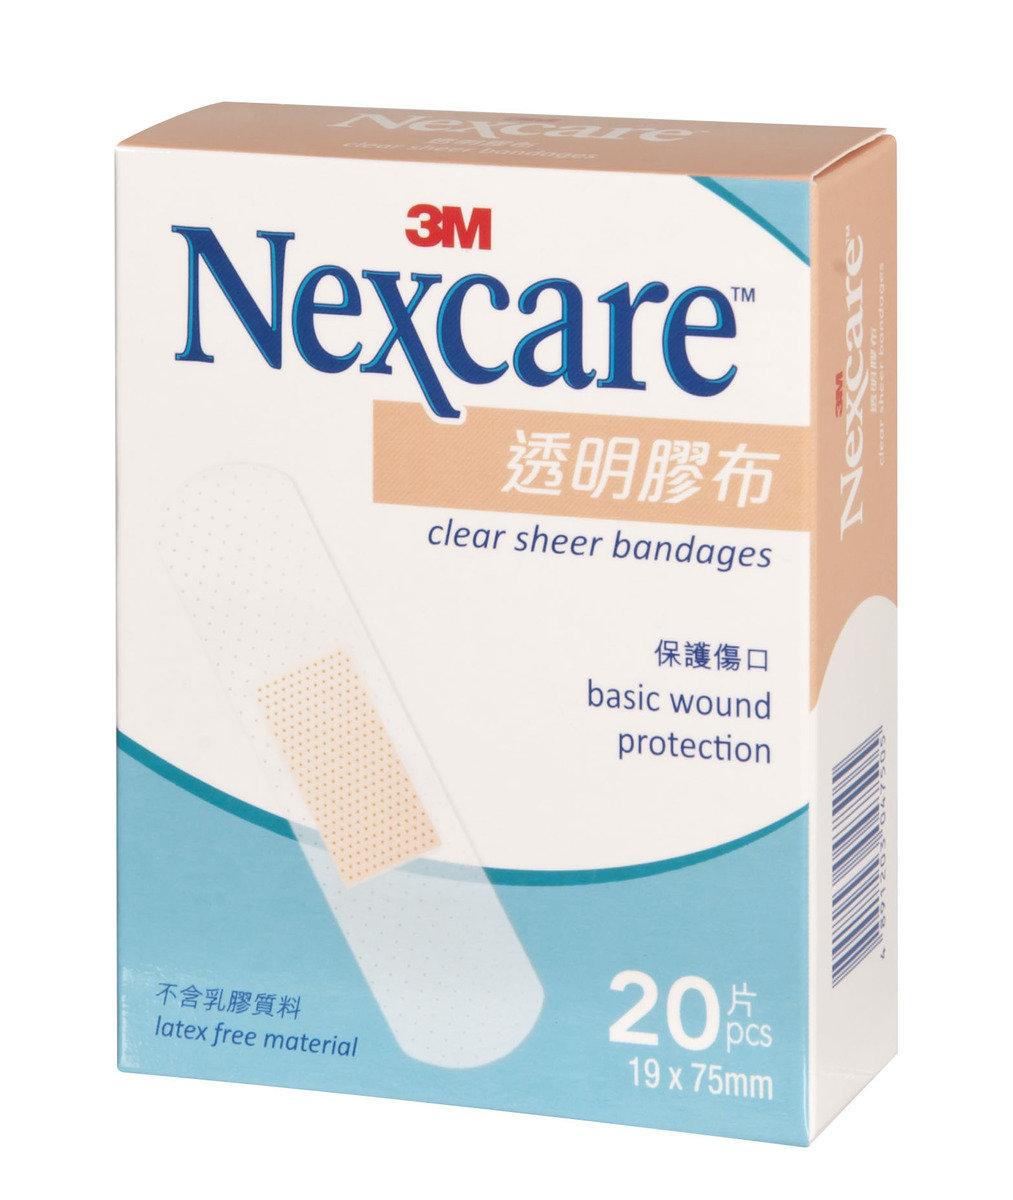 Nexcare™ 透明膠布20片19 x 75毫米(4891203047505)